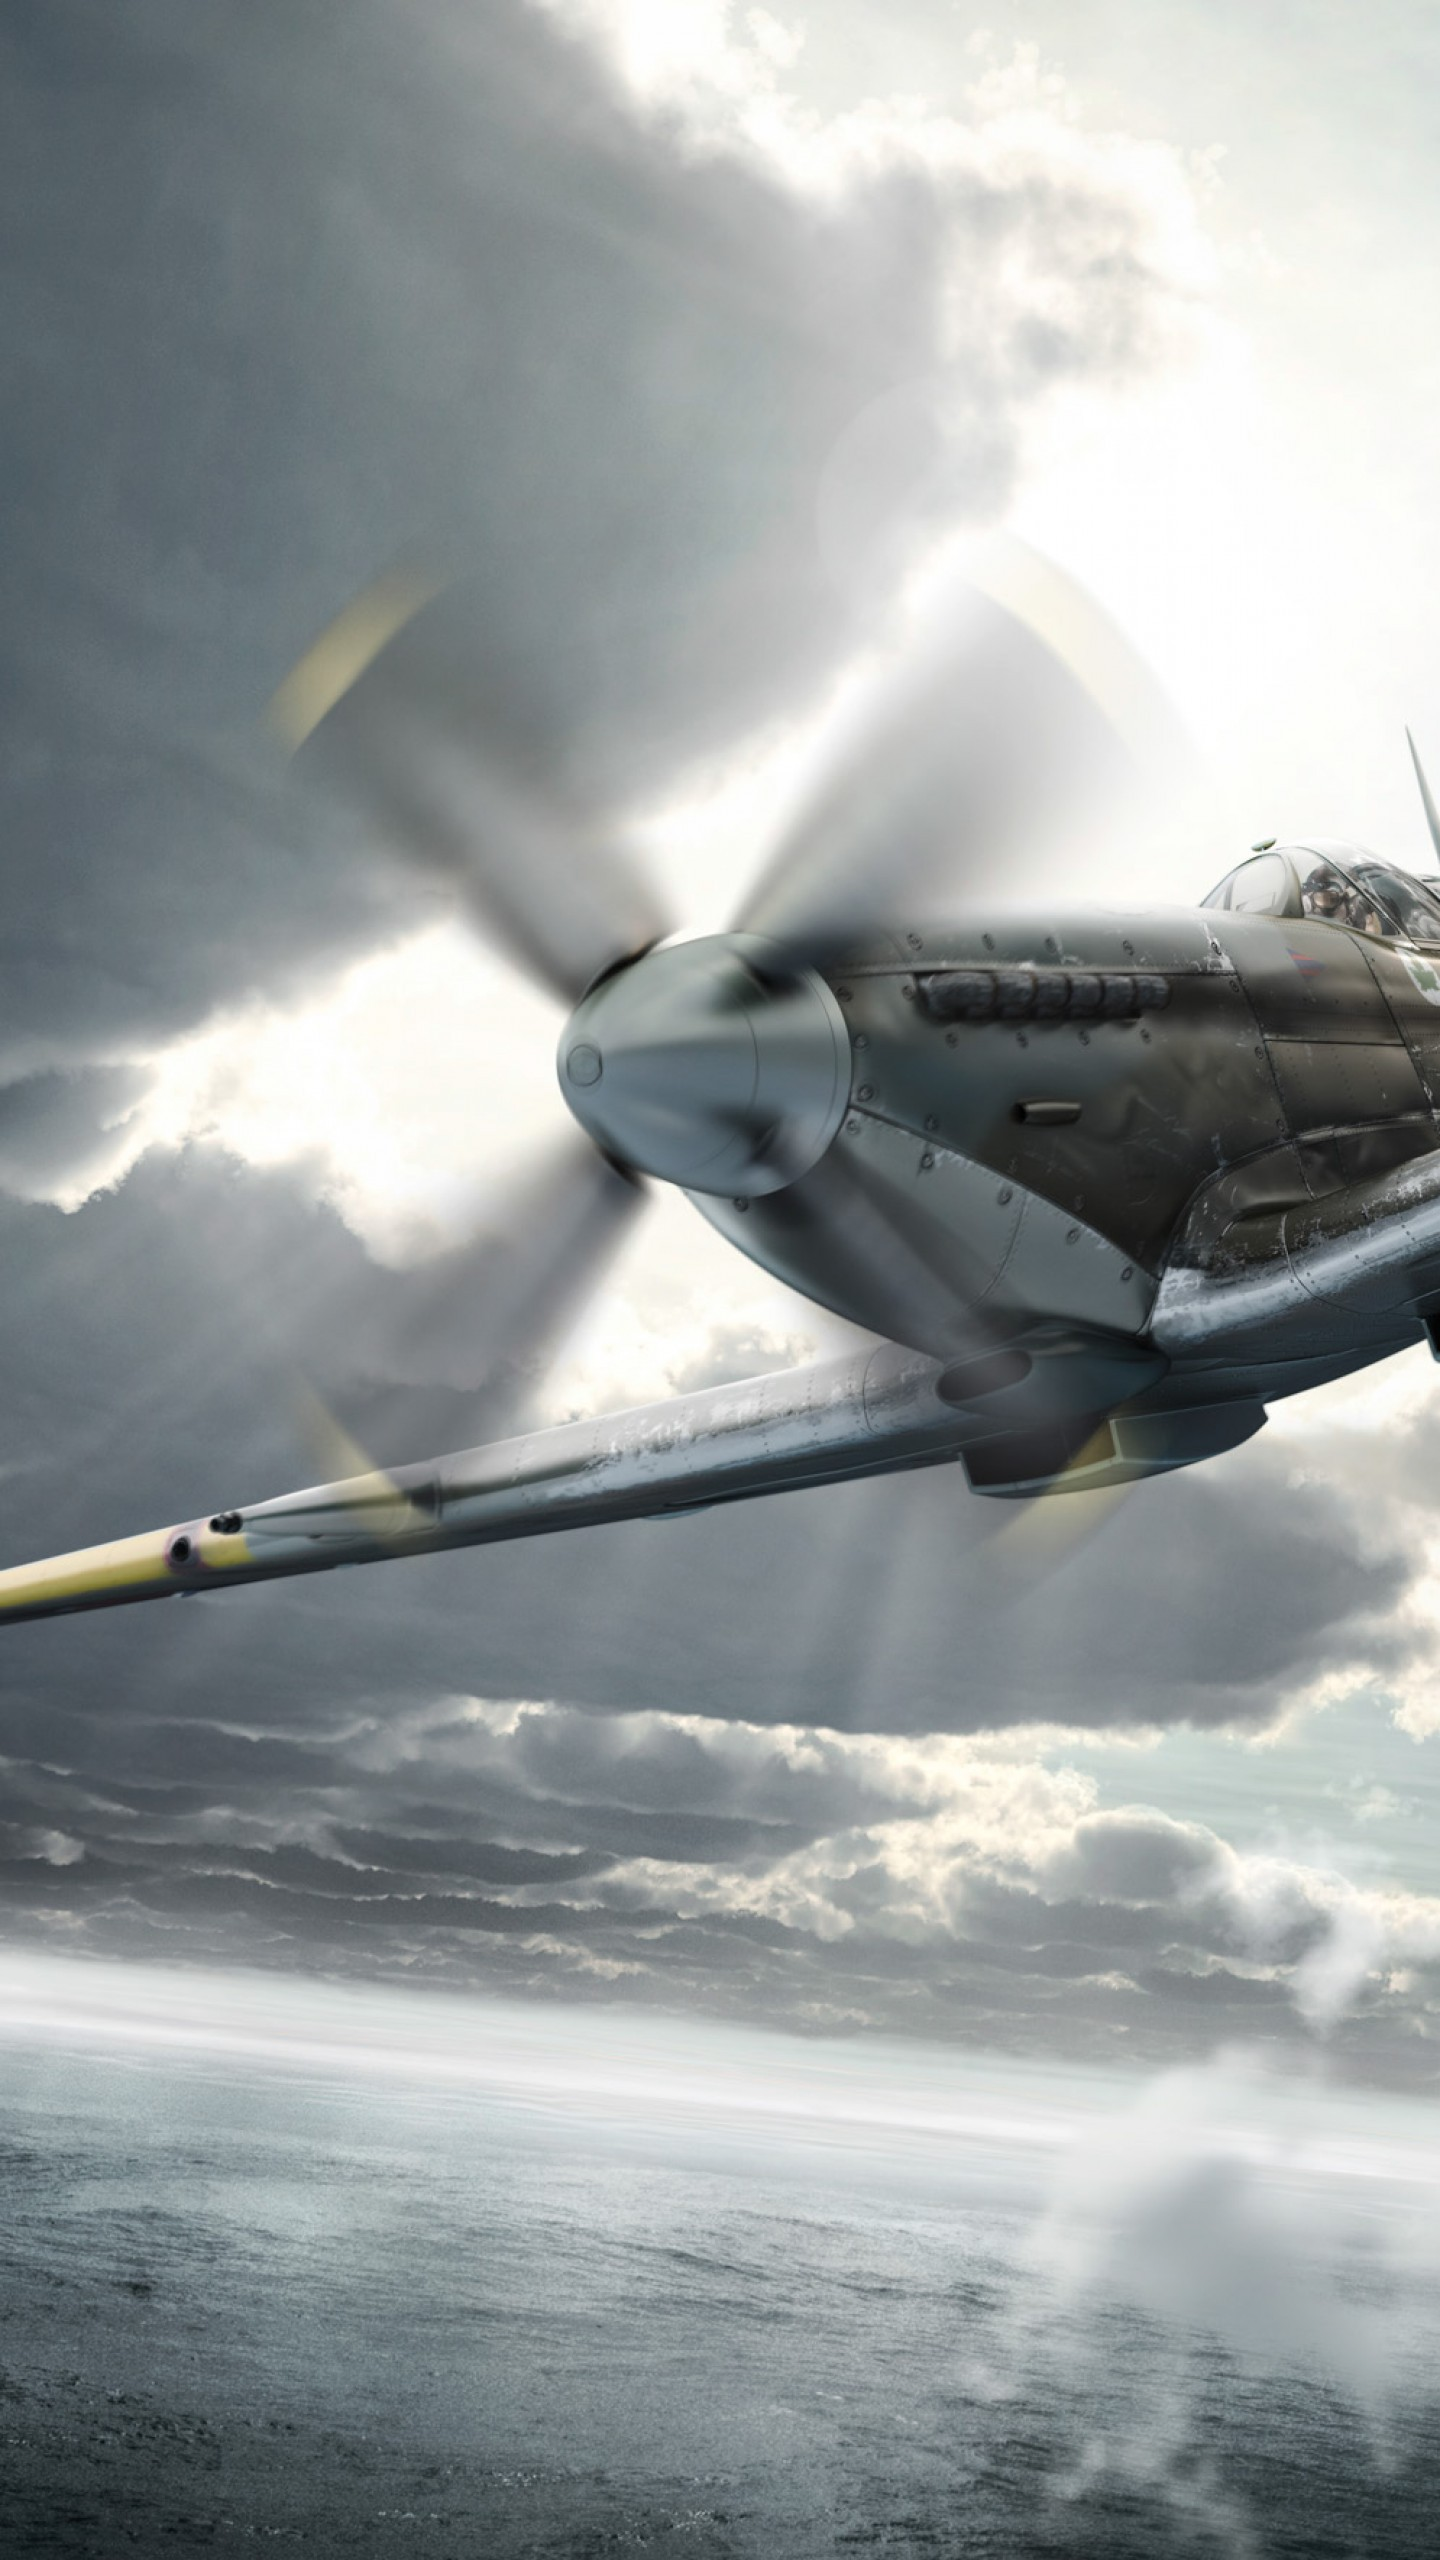 عکس زمینه هواپیمای جنگنده نیروی هوایی سلطنتی پس زمینه